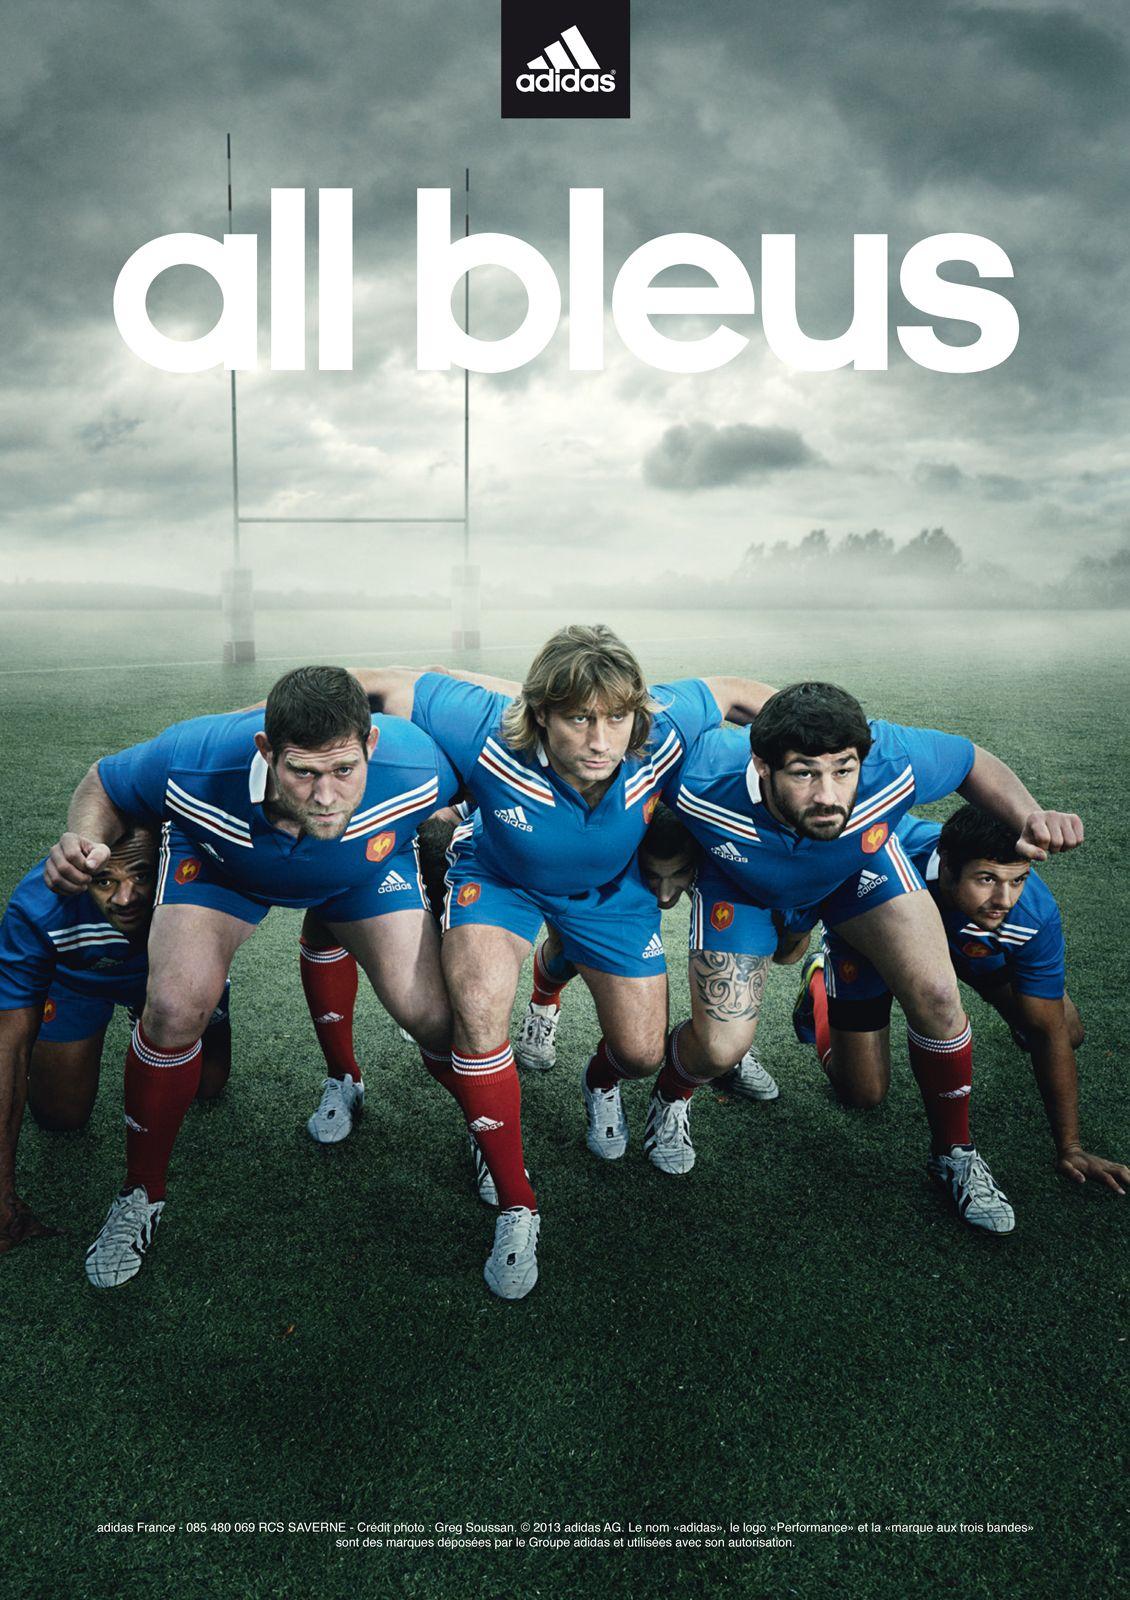 All bleus, la nouvelle campagne Adidas pour un rugby moderne